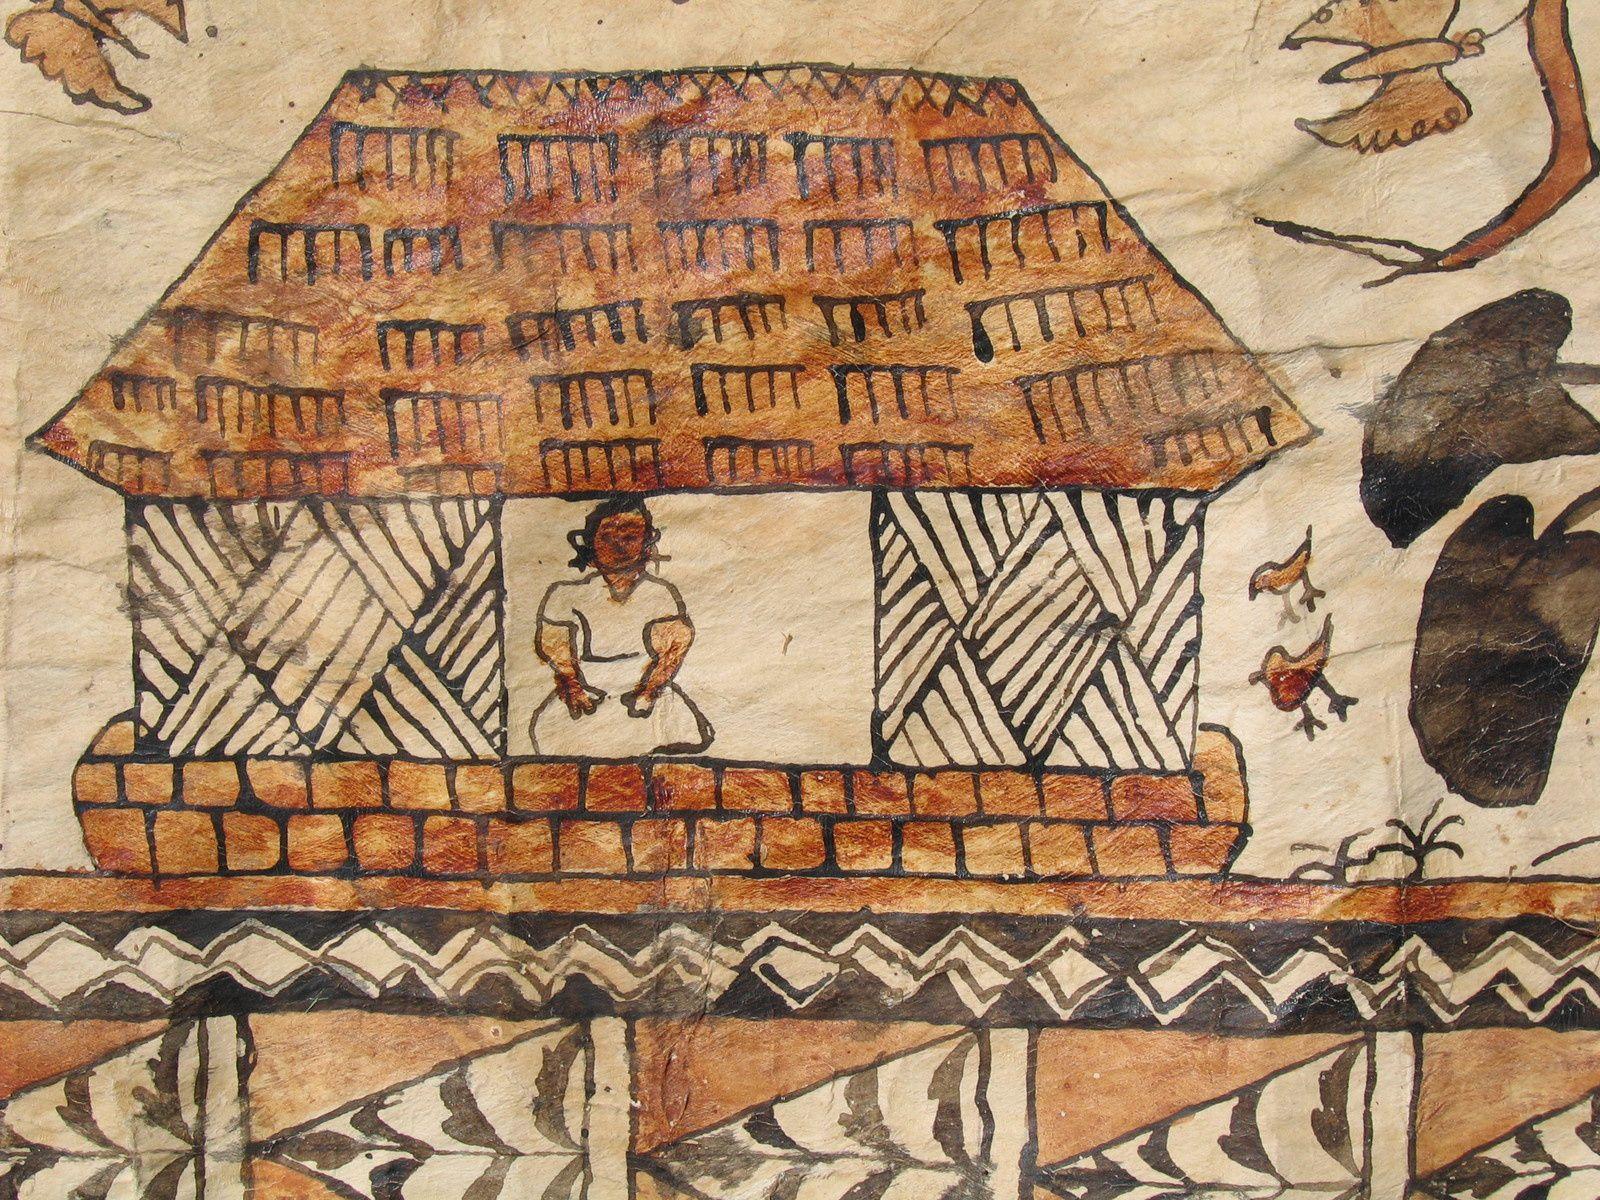 Tapa décrivant la vie locale de Kanaky. Environ des années 1950.